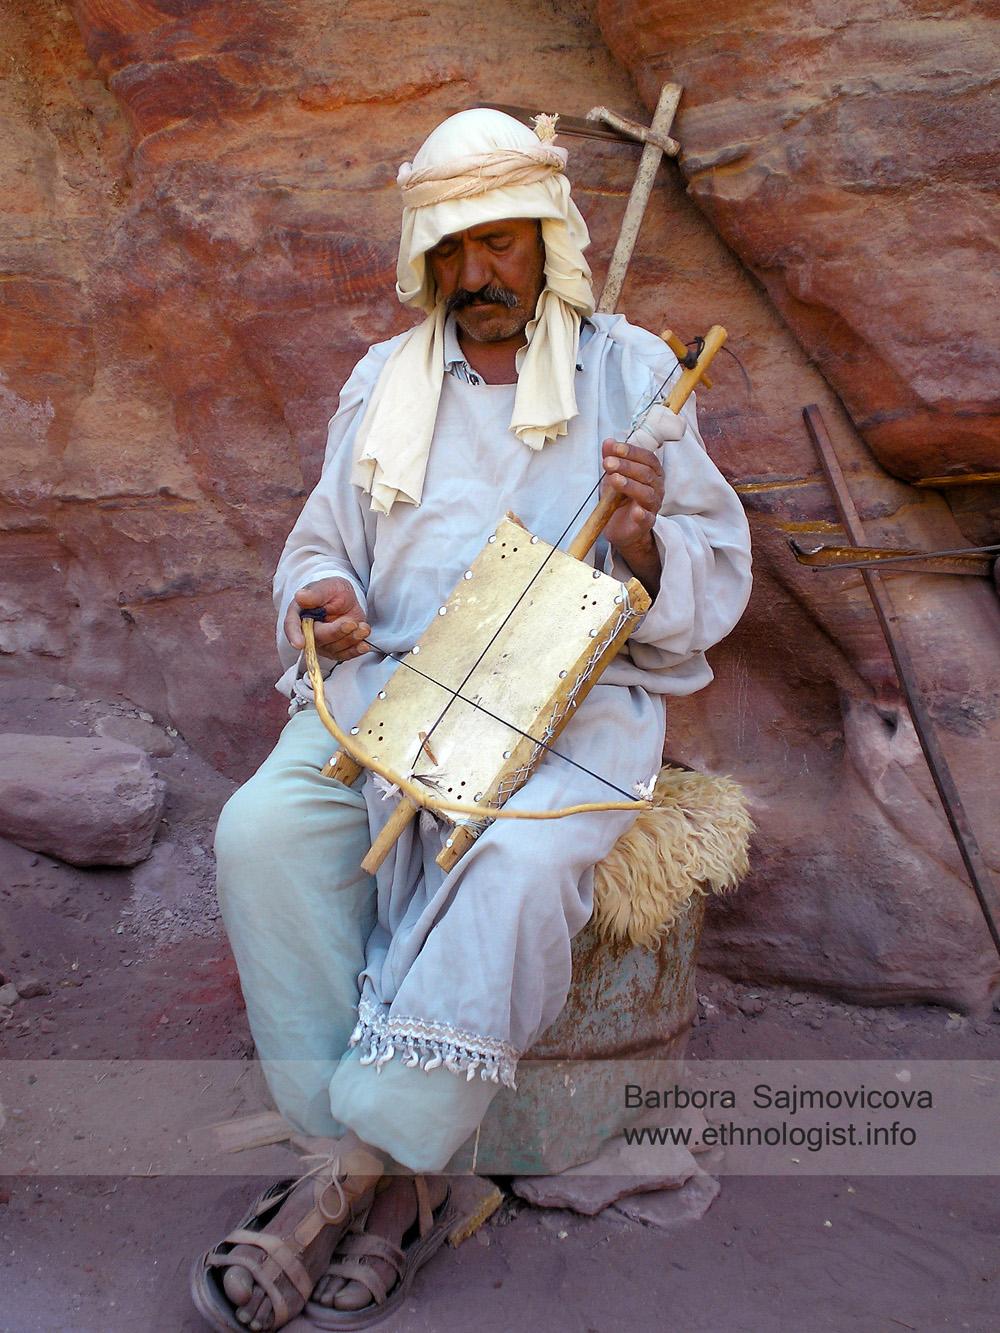 Beduín předvádějící život dřívějších beduínů – hudebník hrající na loutnu. Foto: Barbora Šajmovičová, 2009.